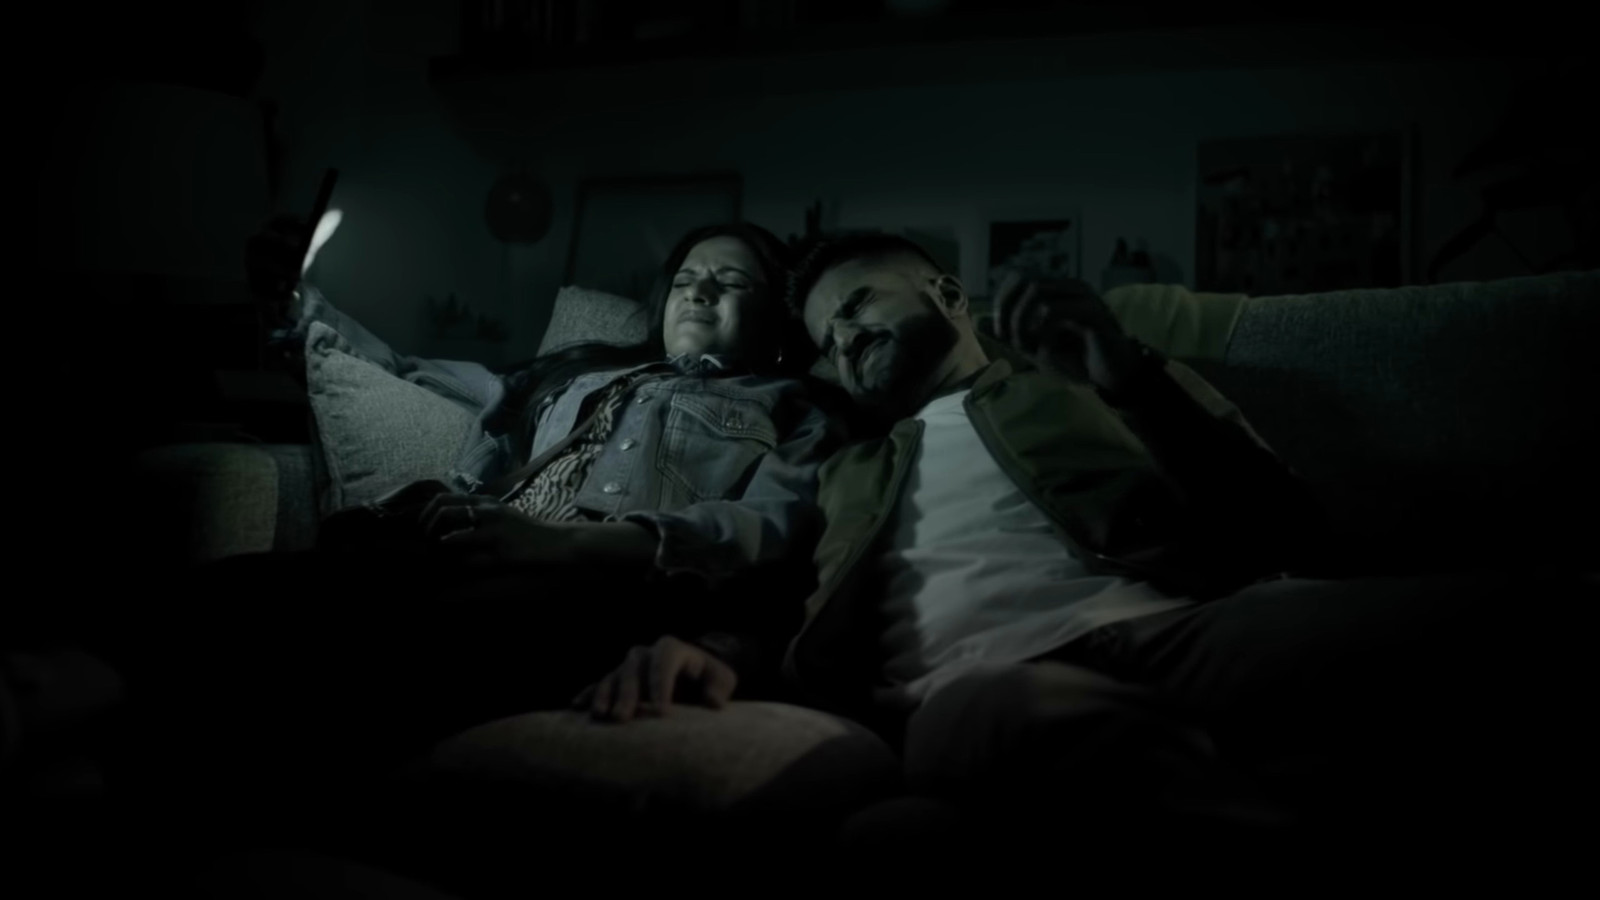 Vooral in bed zou de donkere schermmodus voordelen bieden.